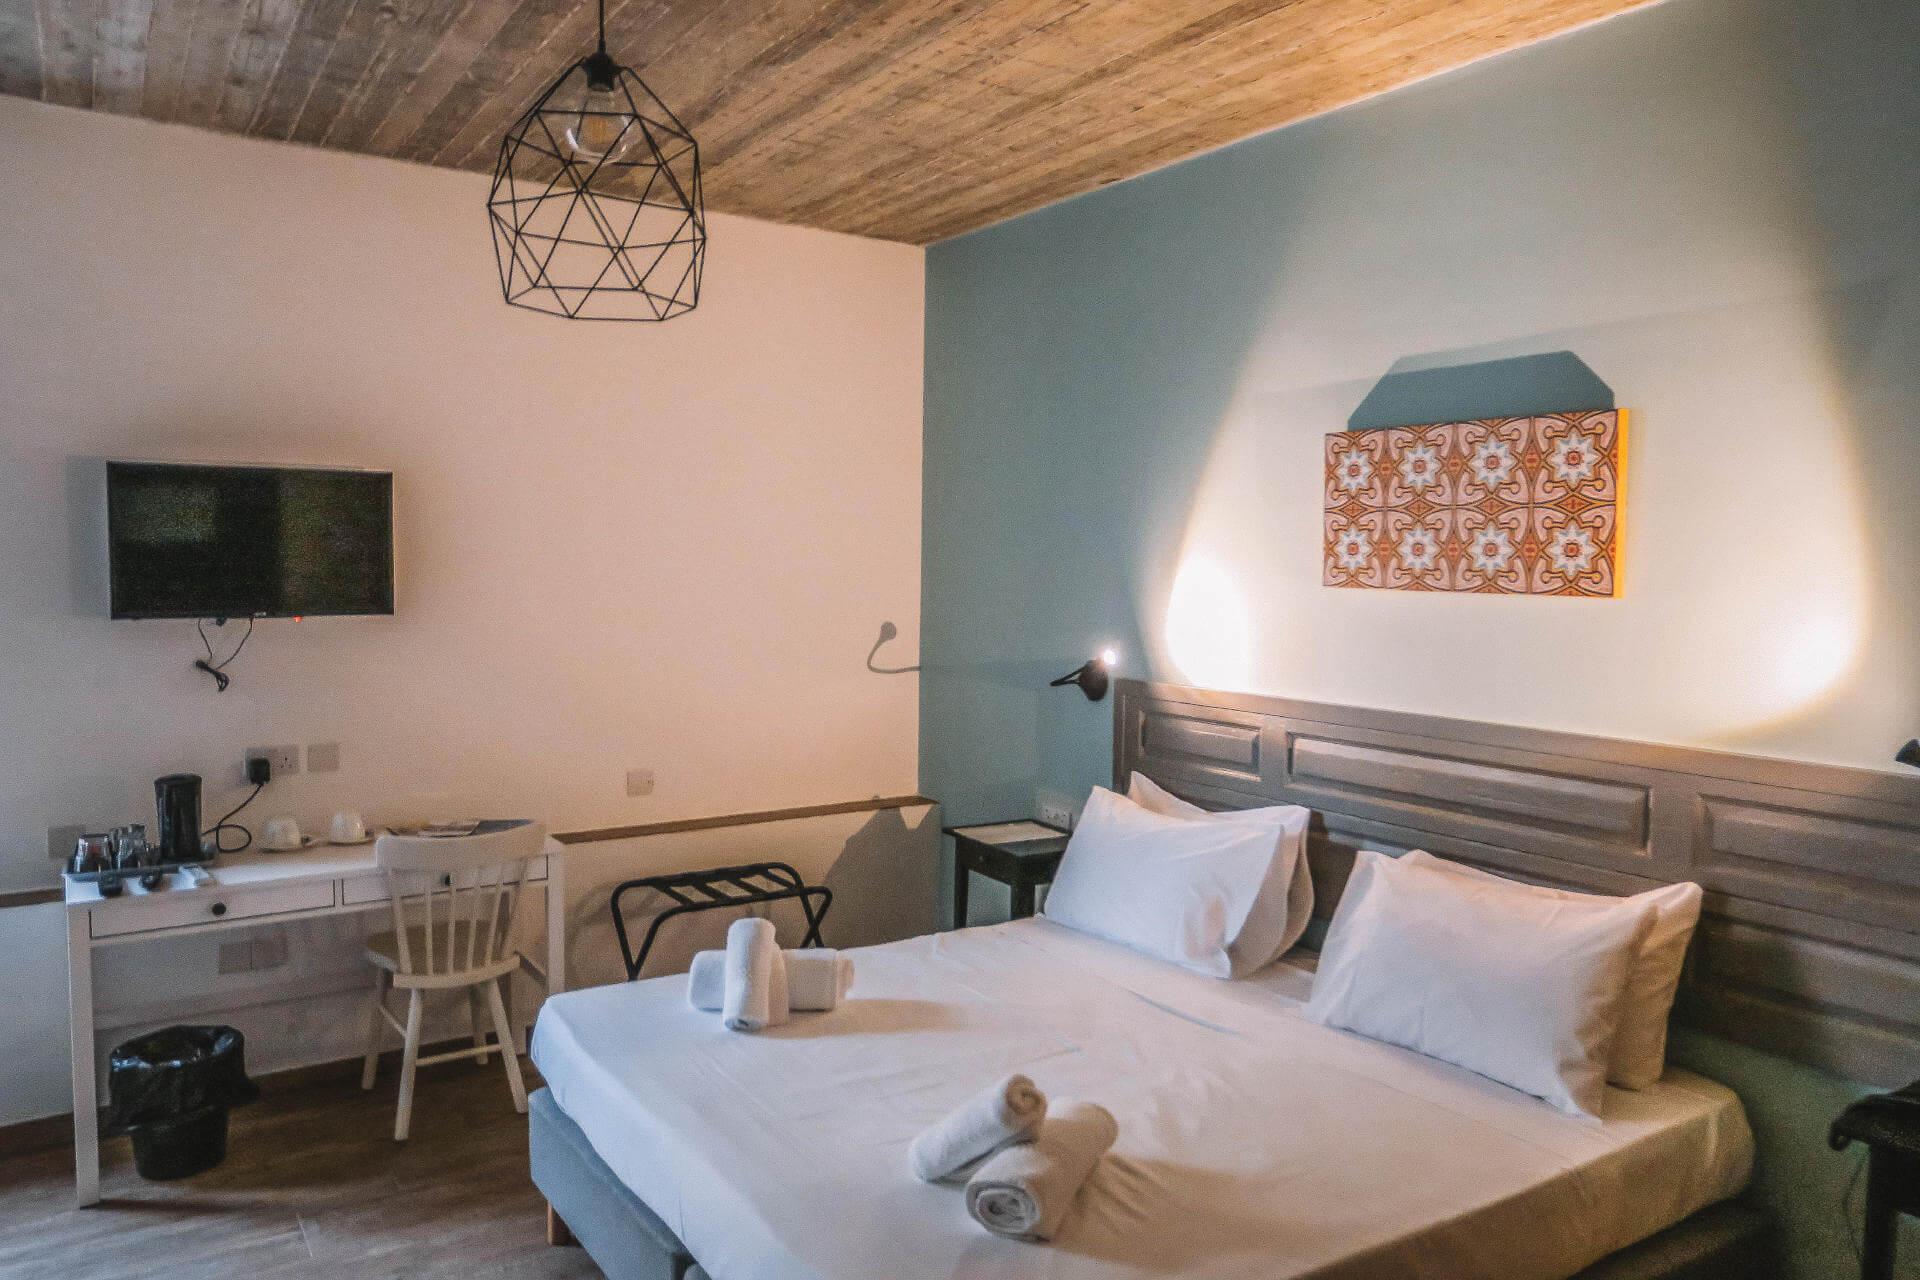 Ein Schlafzimmer mit einem Bett und einer blau gestrichenen Wand.